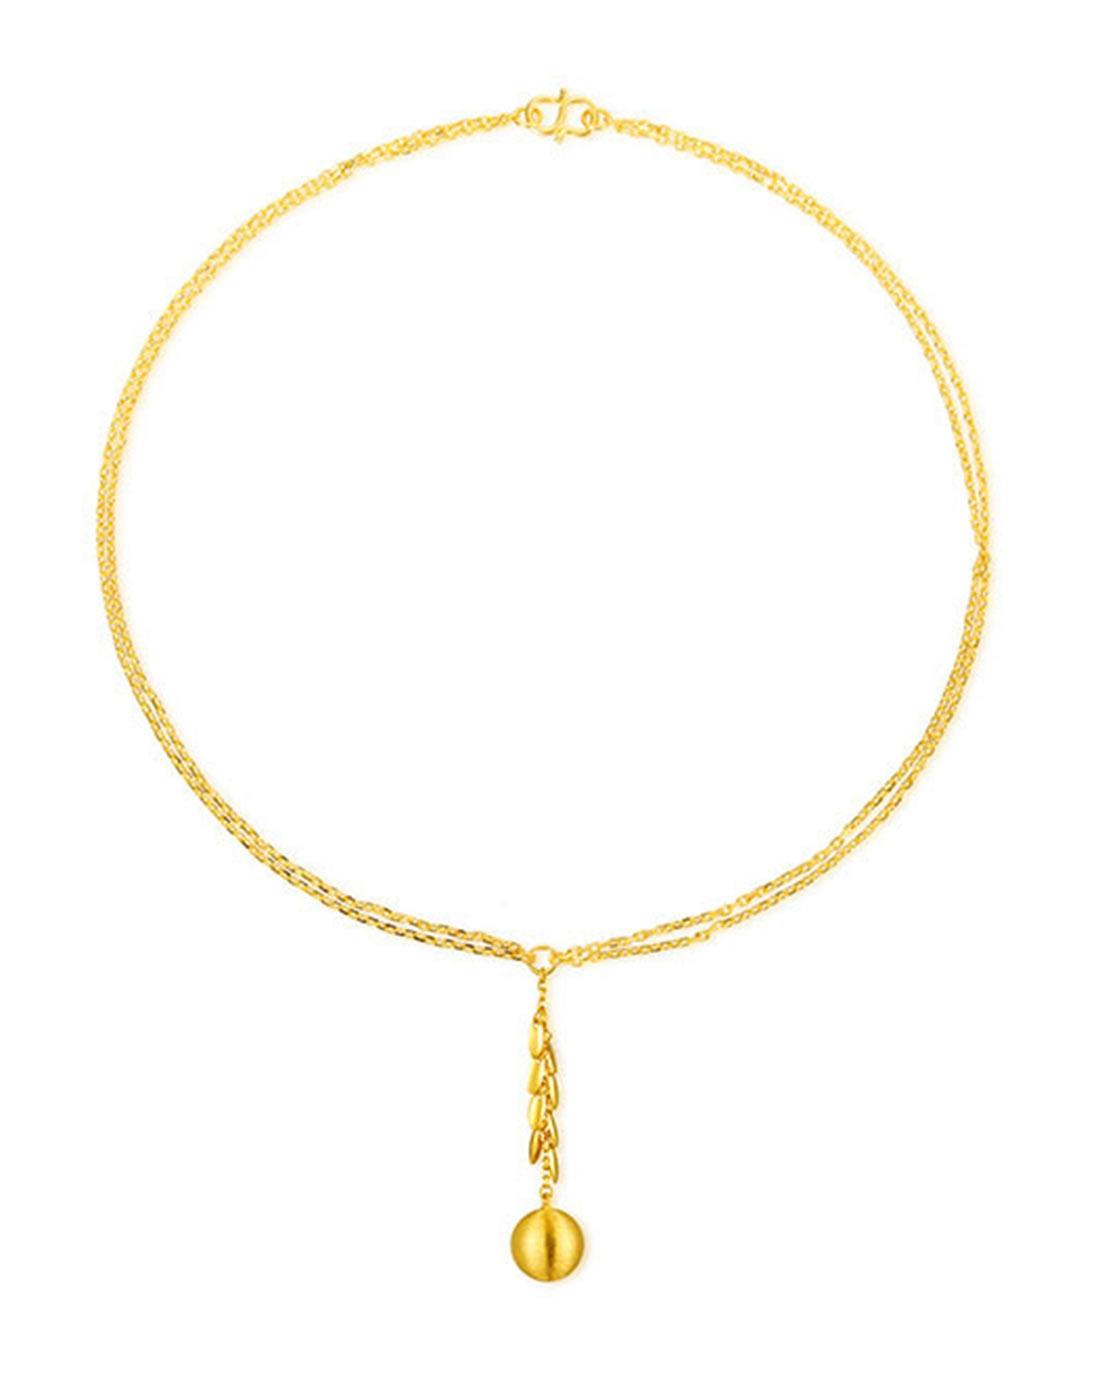 足金圆圆满满黄金项链套链(计价)12.240克